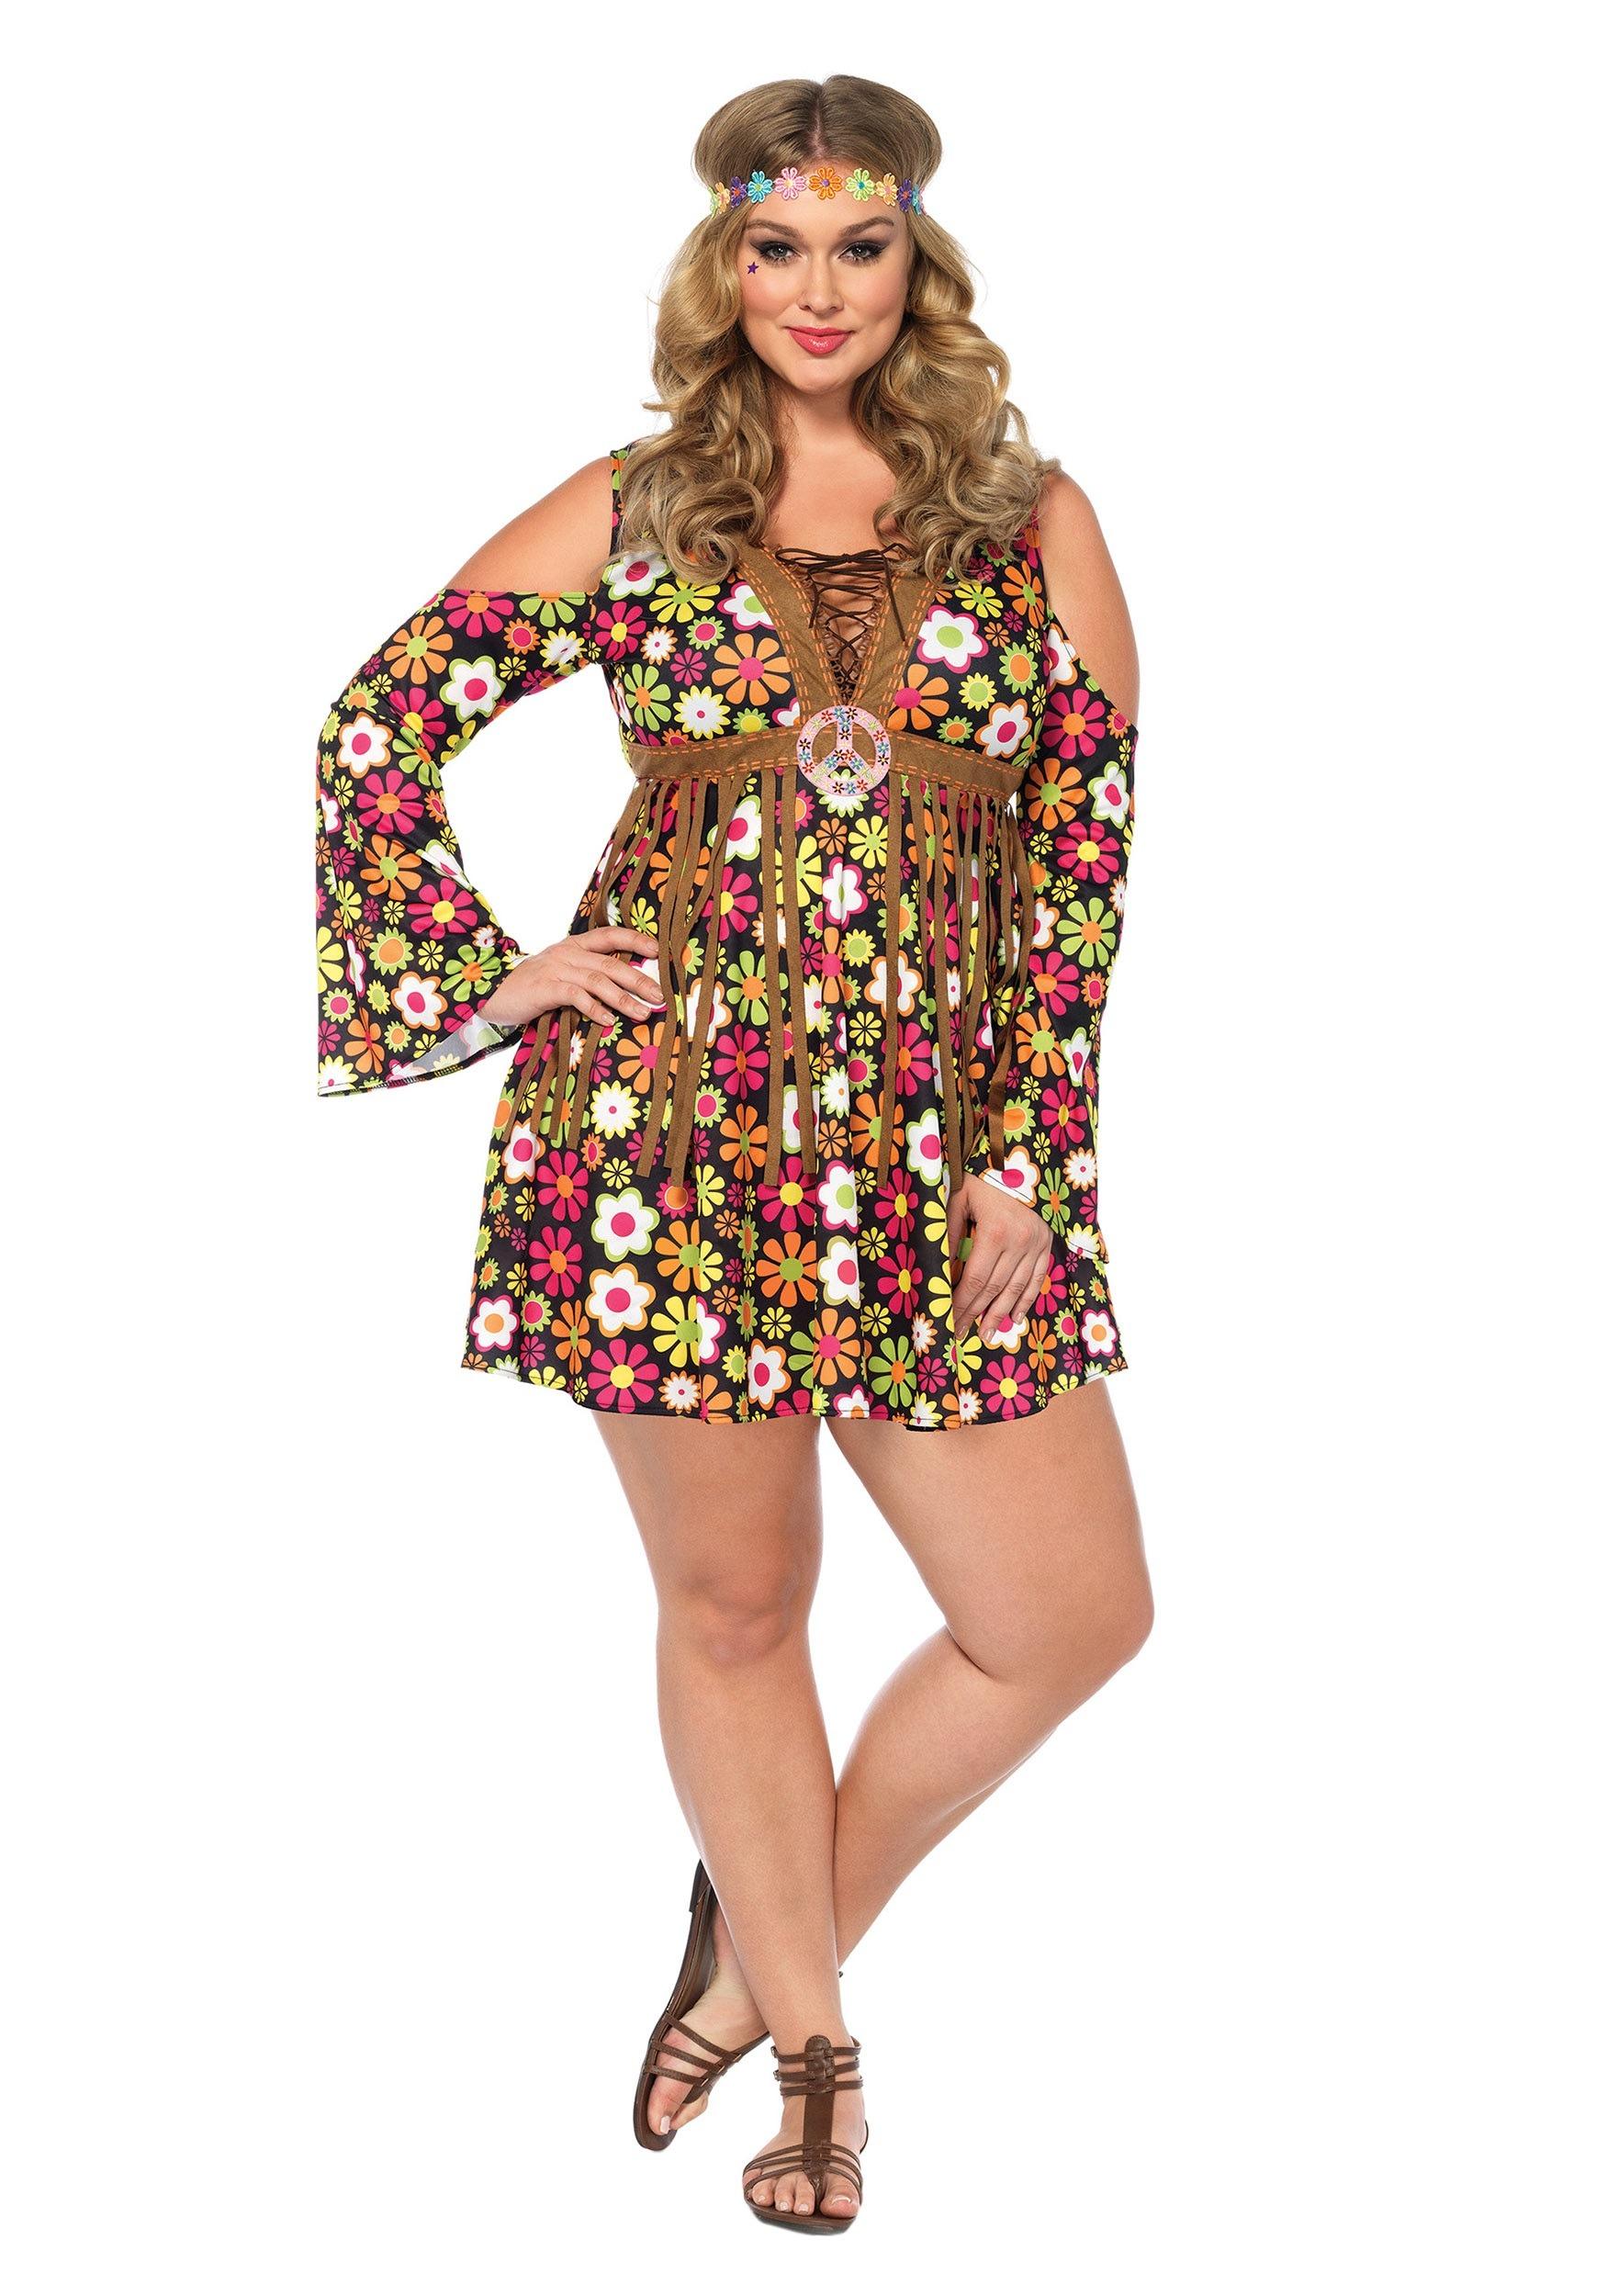 Plus Size Starflower Hippie Costume